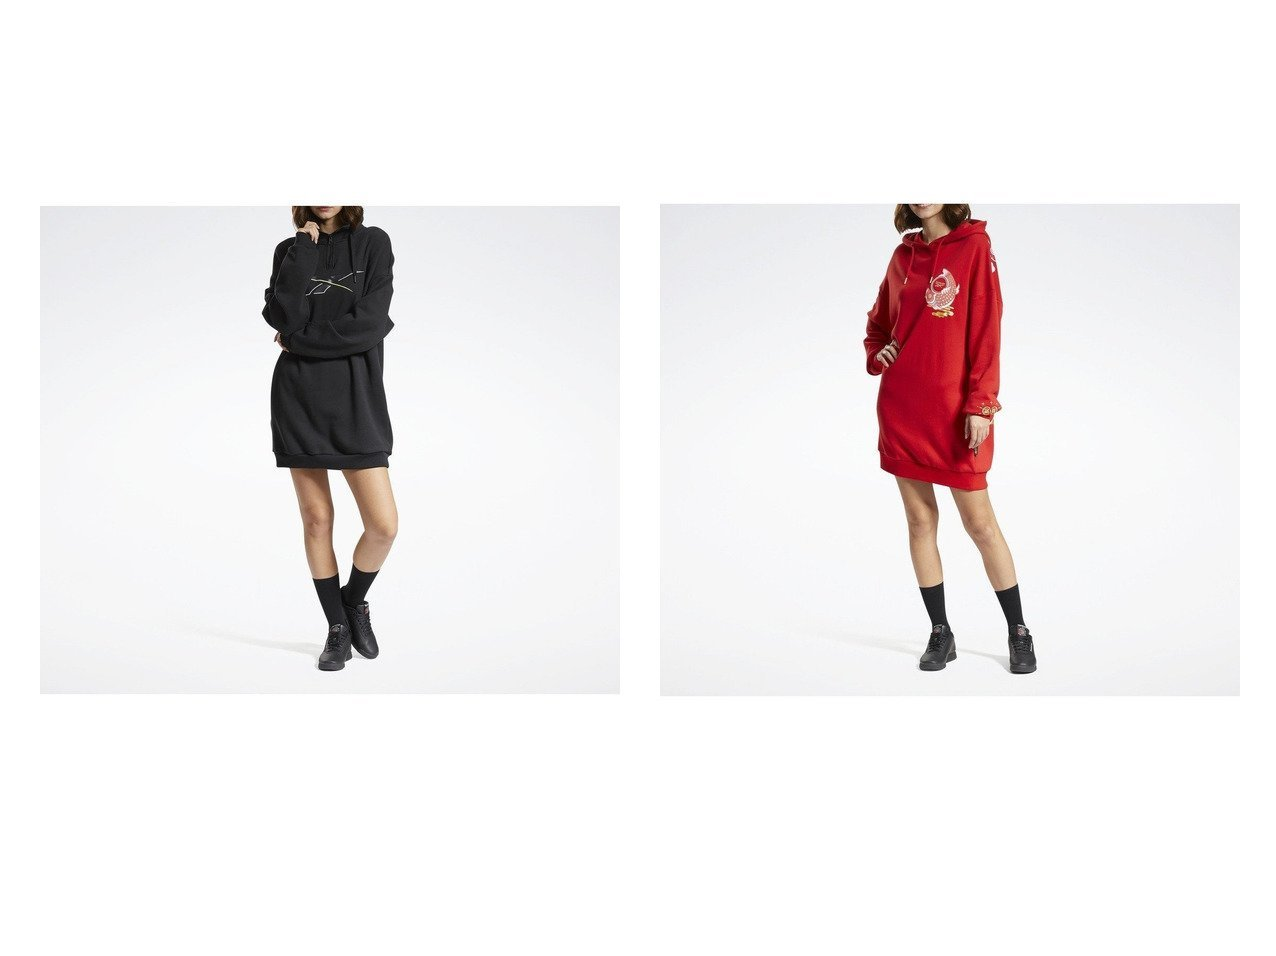 【Reebok/リーボック】のフーディー ドレス Hoodie Dress&クラシックス CNY フーデッド ドレス Classics CNY Hooded Dress ワンピース・ドレスのおすすめ!人気、トレンド・レディースファッションの通販 おすすめで人気の流行・トレンド、ファッションの通販商品 メンズファッション・キッズファッション・インテリア・家具・レディースファッション・服の通販 founy(ファニー) https://founy.com/ ファッション Fashion レディースファッション WOMEN ワンピース Dress ドレス Party Dresses ショルダー トレンド ドレス ドロップ ドローコード フレンチ 定番 Standard グラフィック シェイプ ビッグ ポケット ロング |ID:crp329100000016434